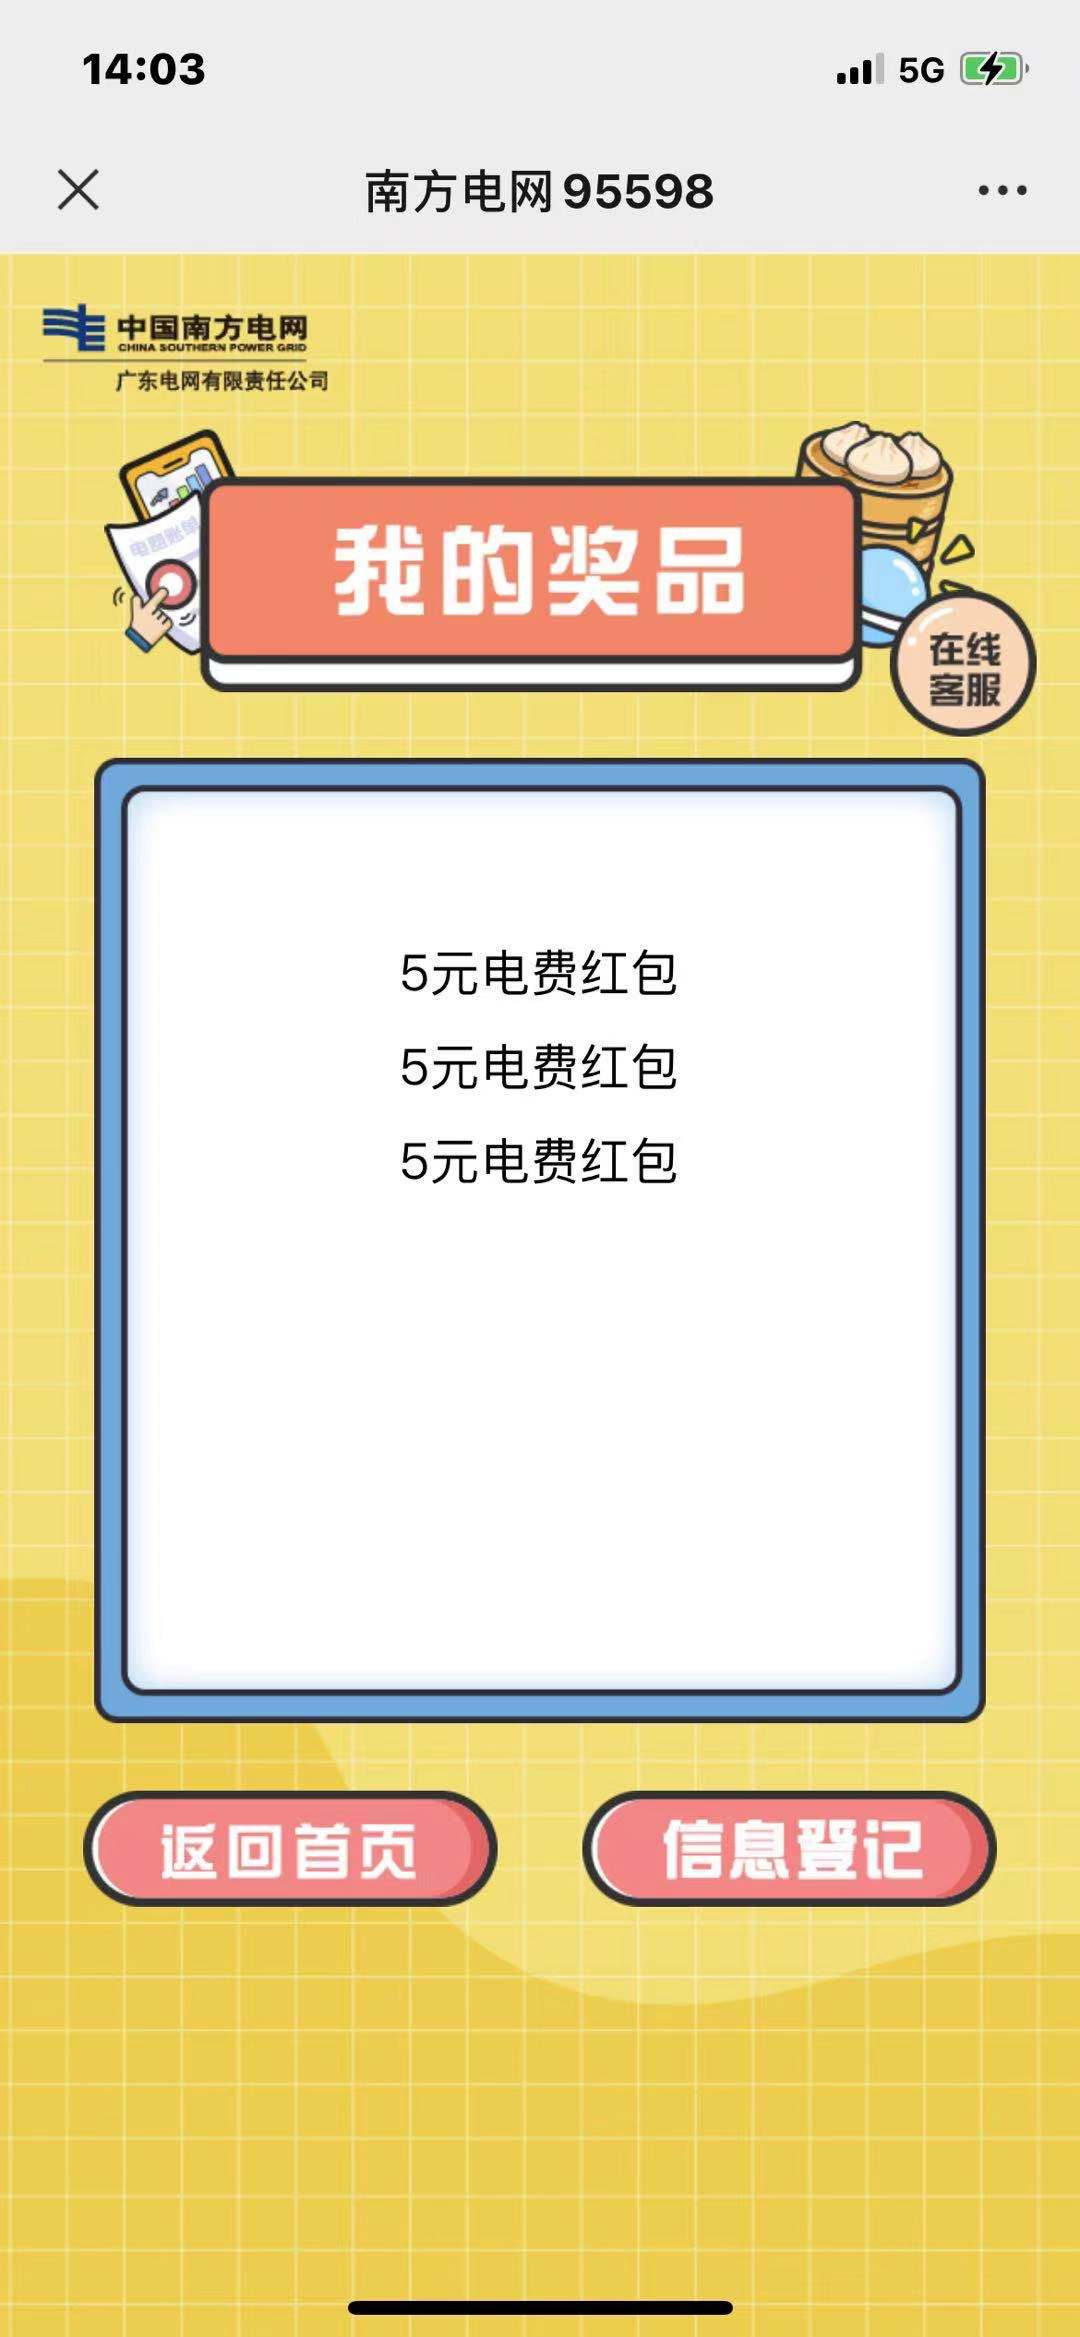 限广东南方电网,电费红包